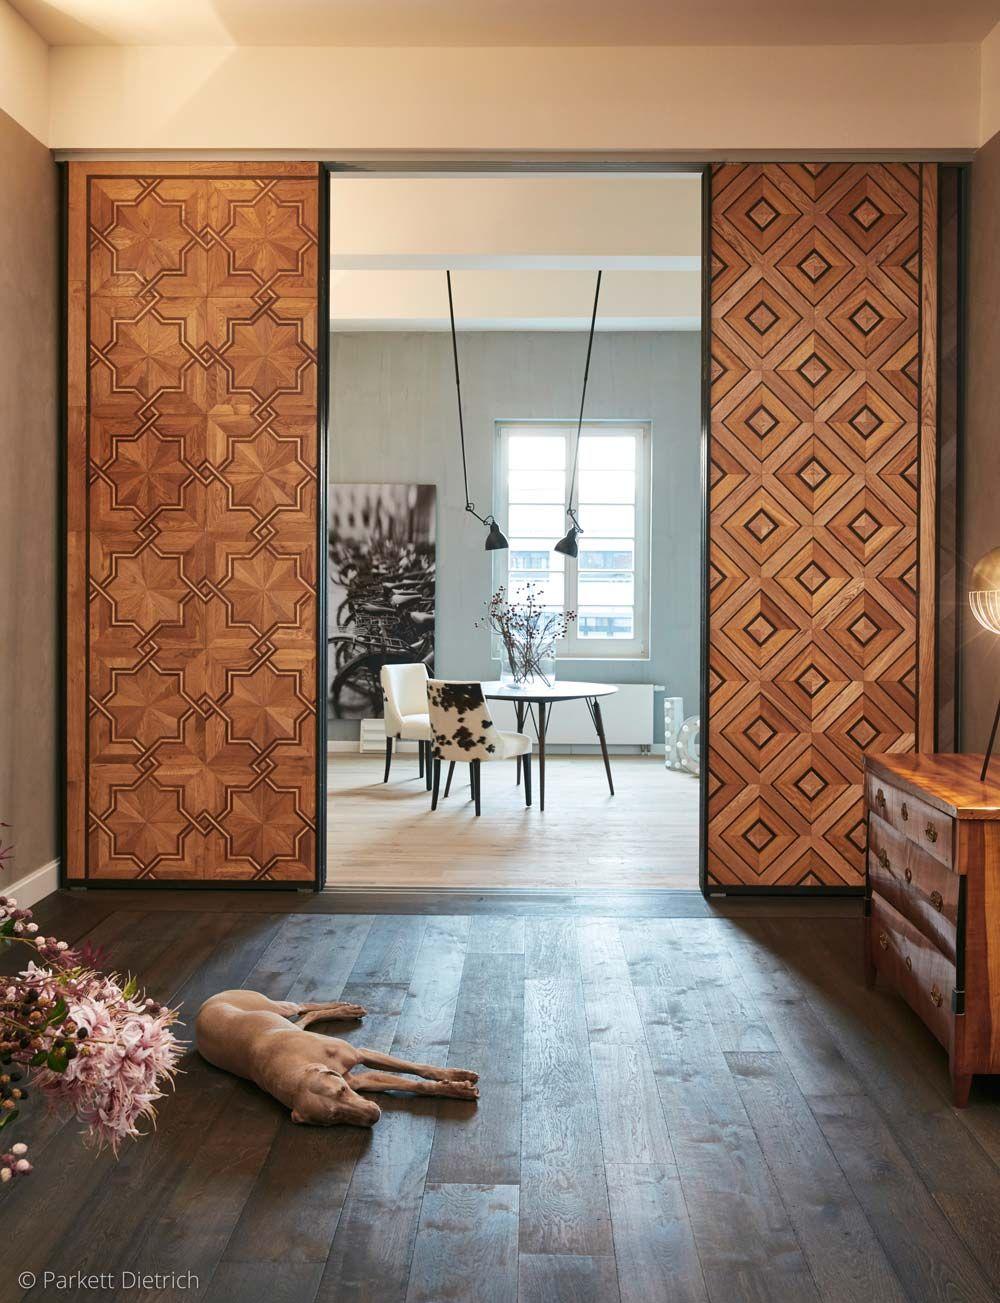 Parkett Hamburg holzboden interior inspiration bei parkett dietrich